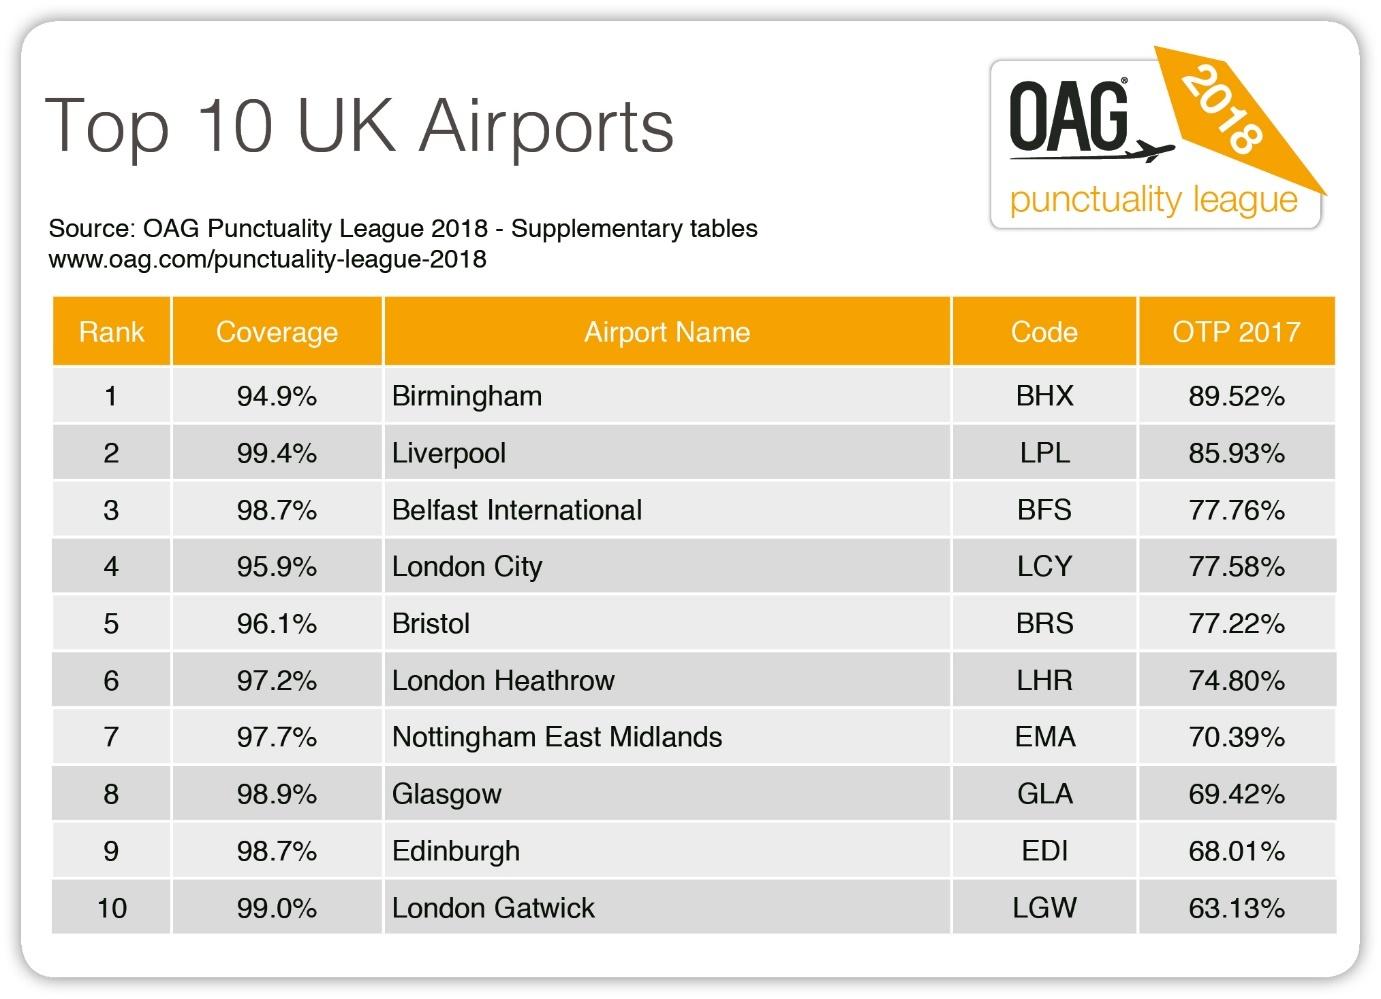 top 10 uk airports.jpg